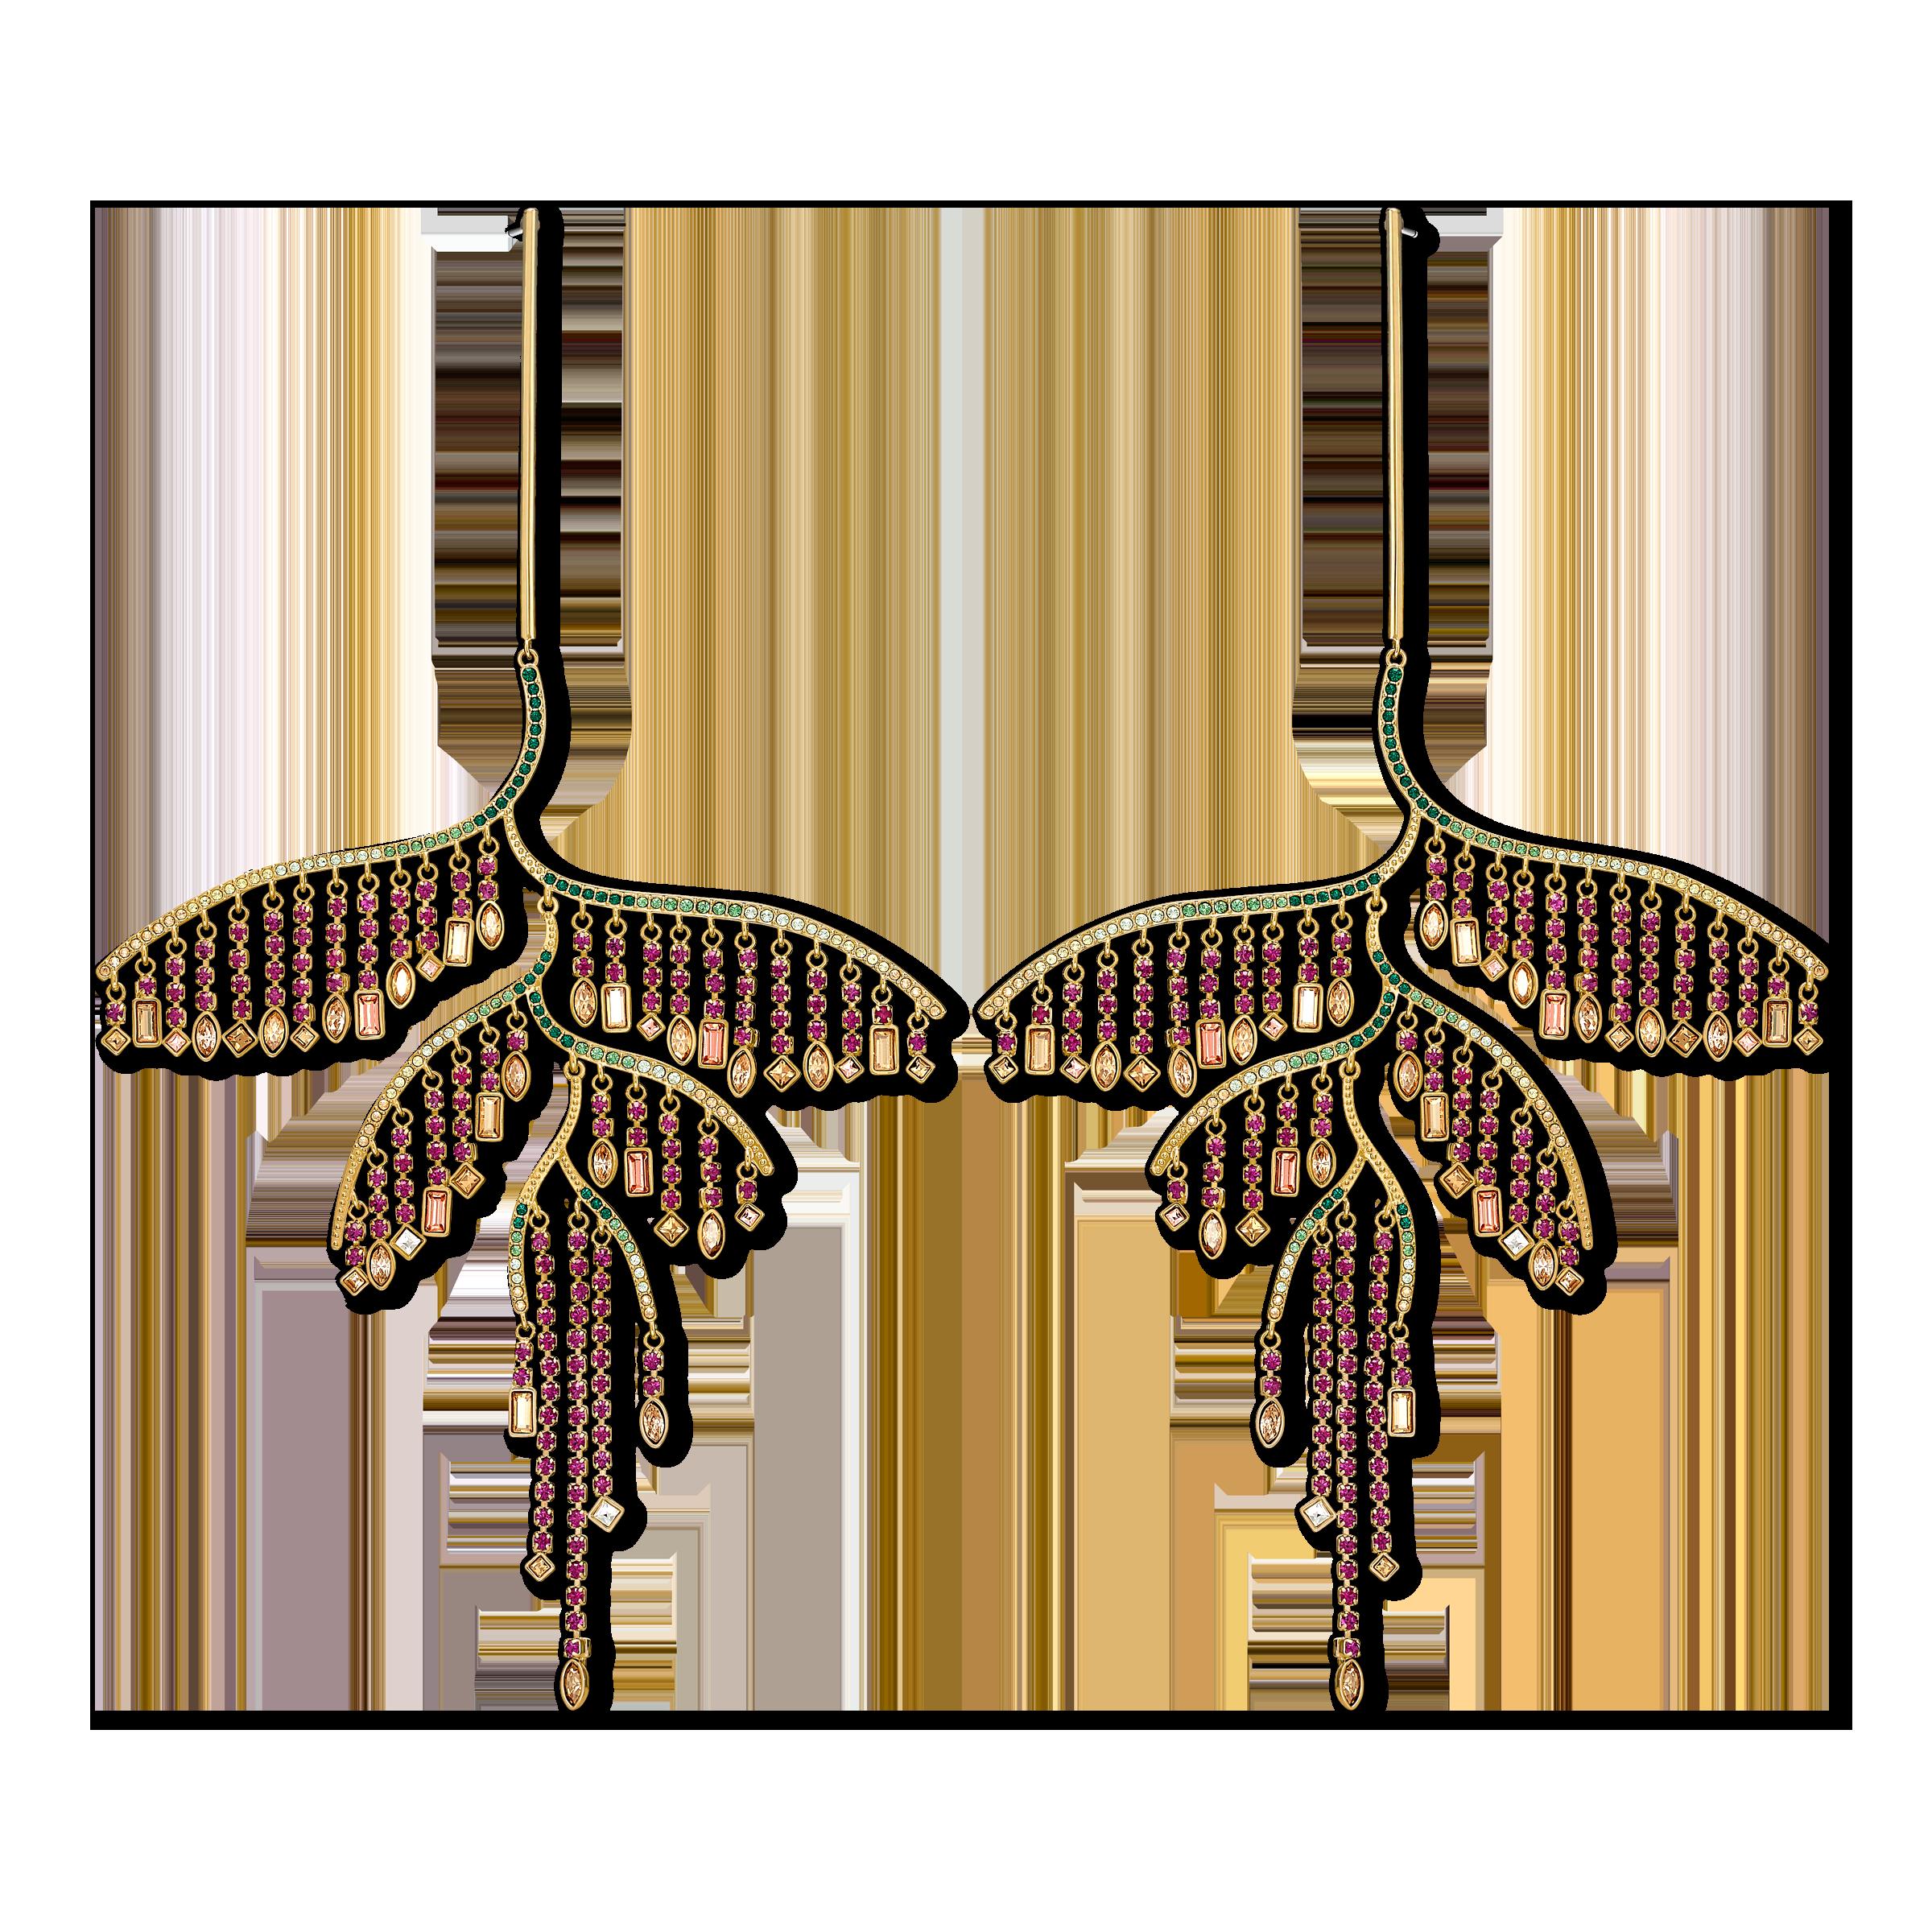 أقراط على شكل ورقة شجر Tropical للأذن المثقوبة، متعددة الألوان الغامقة، مع طبقة خارجية معدنية مختلطة